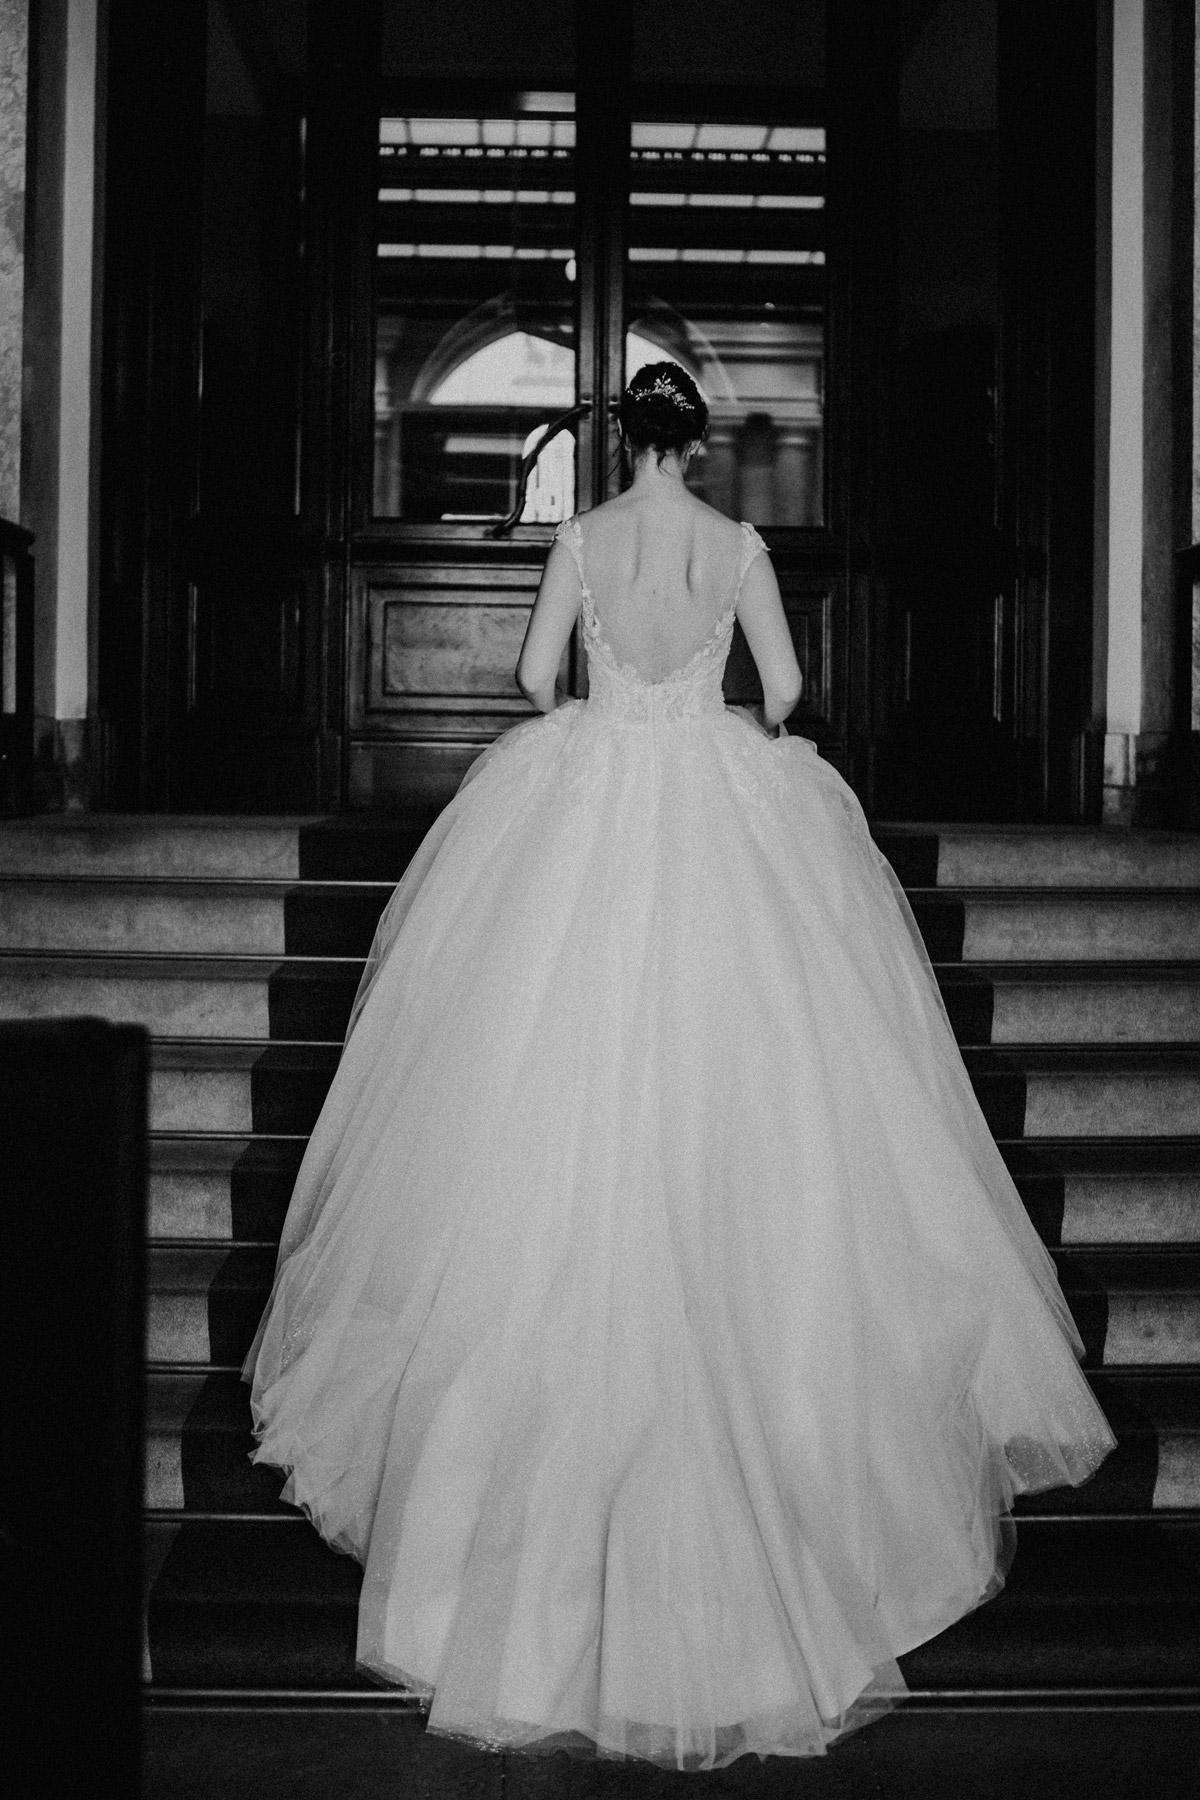 Hochzeitskleid Brautkleid im Prinzessinnen-Look vintage Braut von hinten auf Treppe #Brautfoto © www.hochzeitslicht.de #hochzeitslicht #weddingdress #realbride #echtebraut